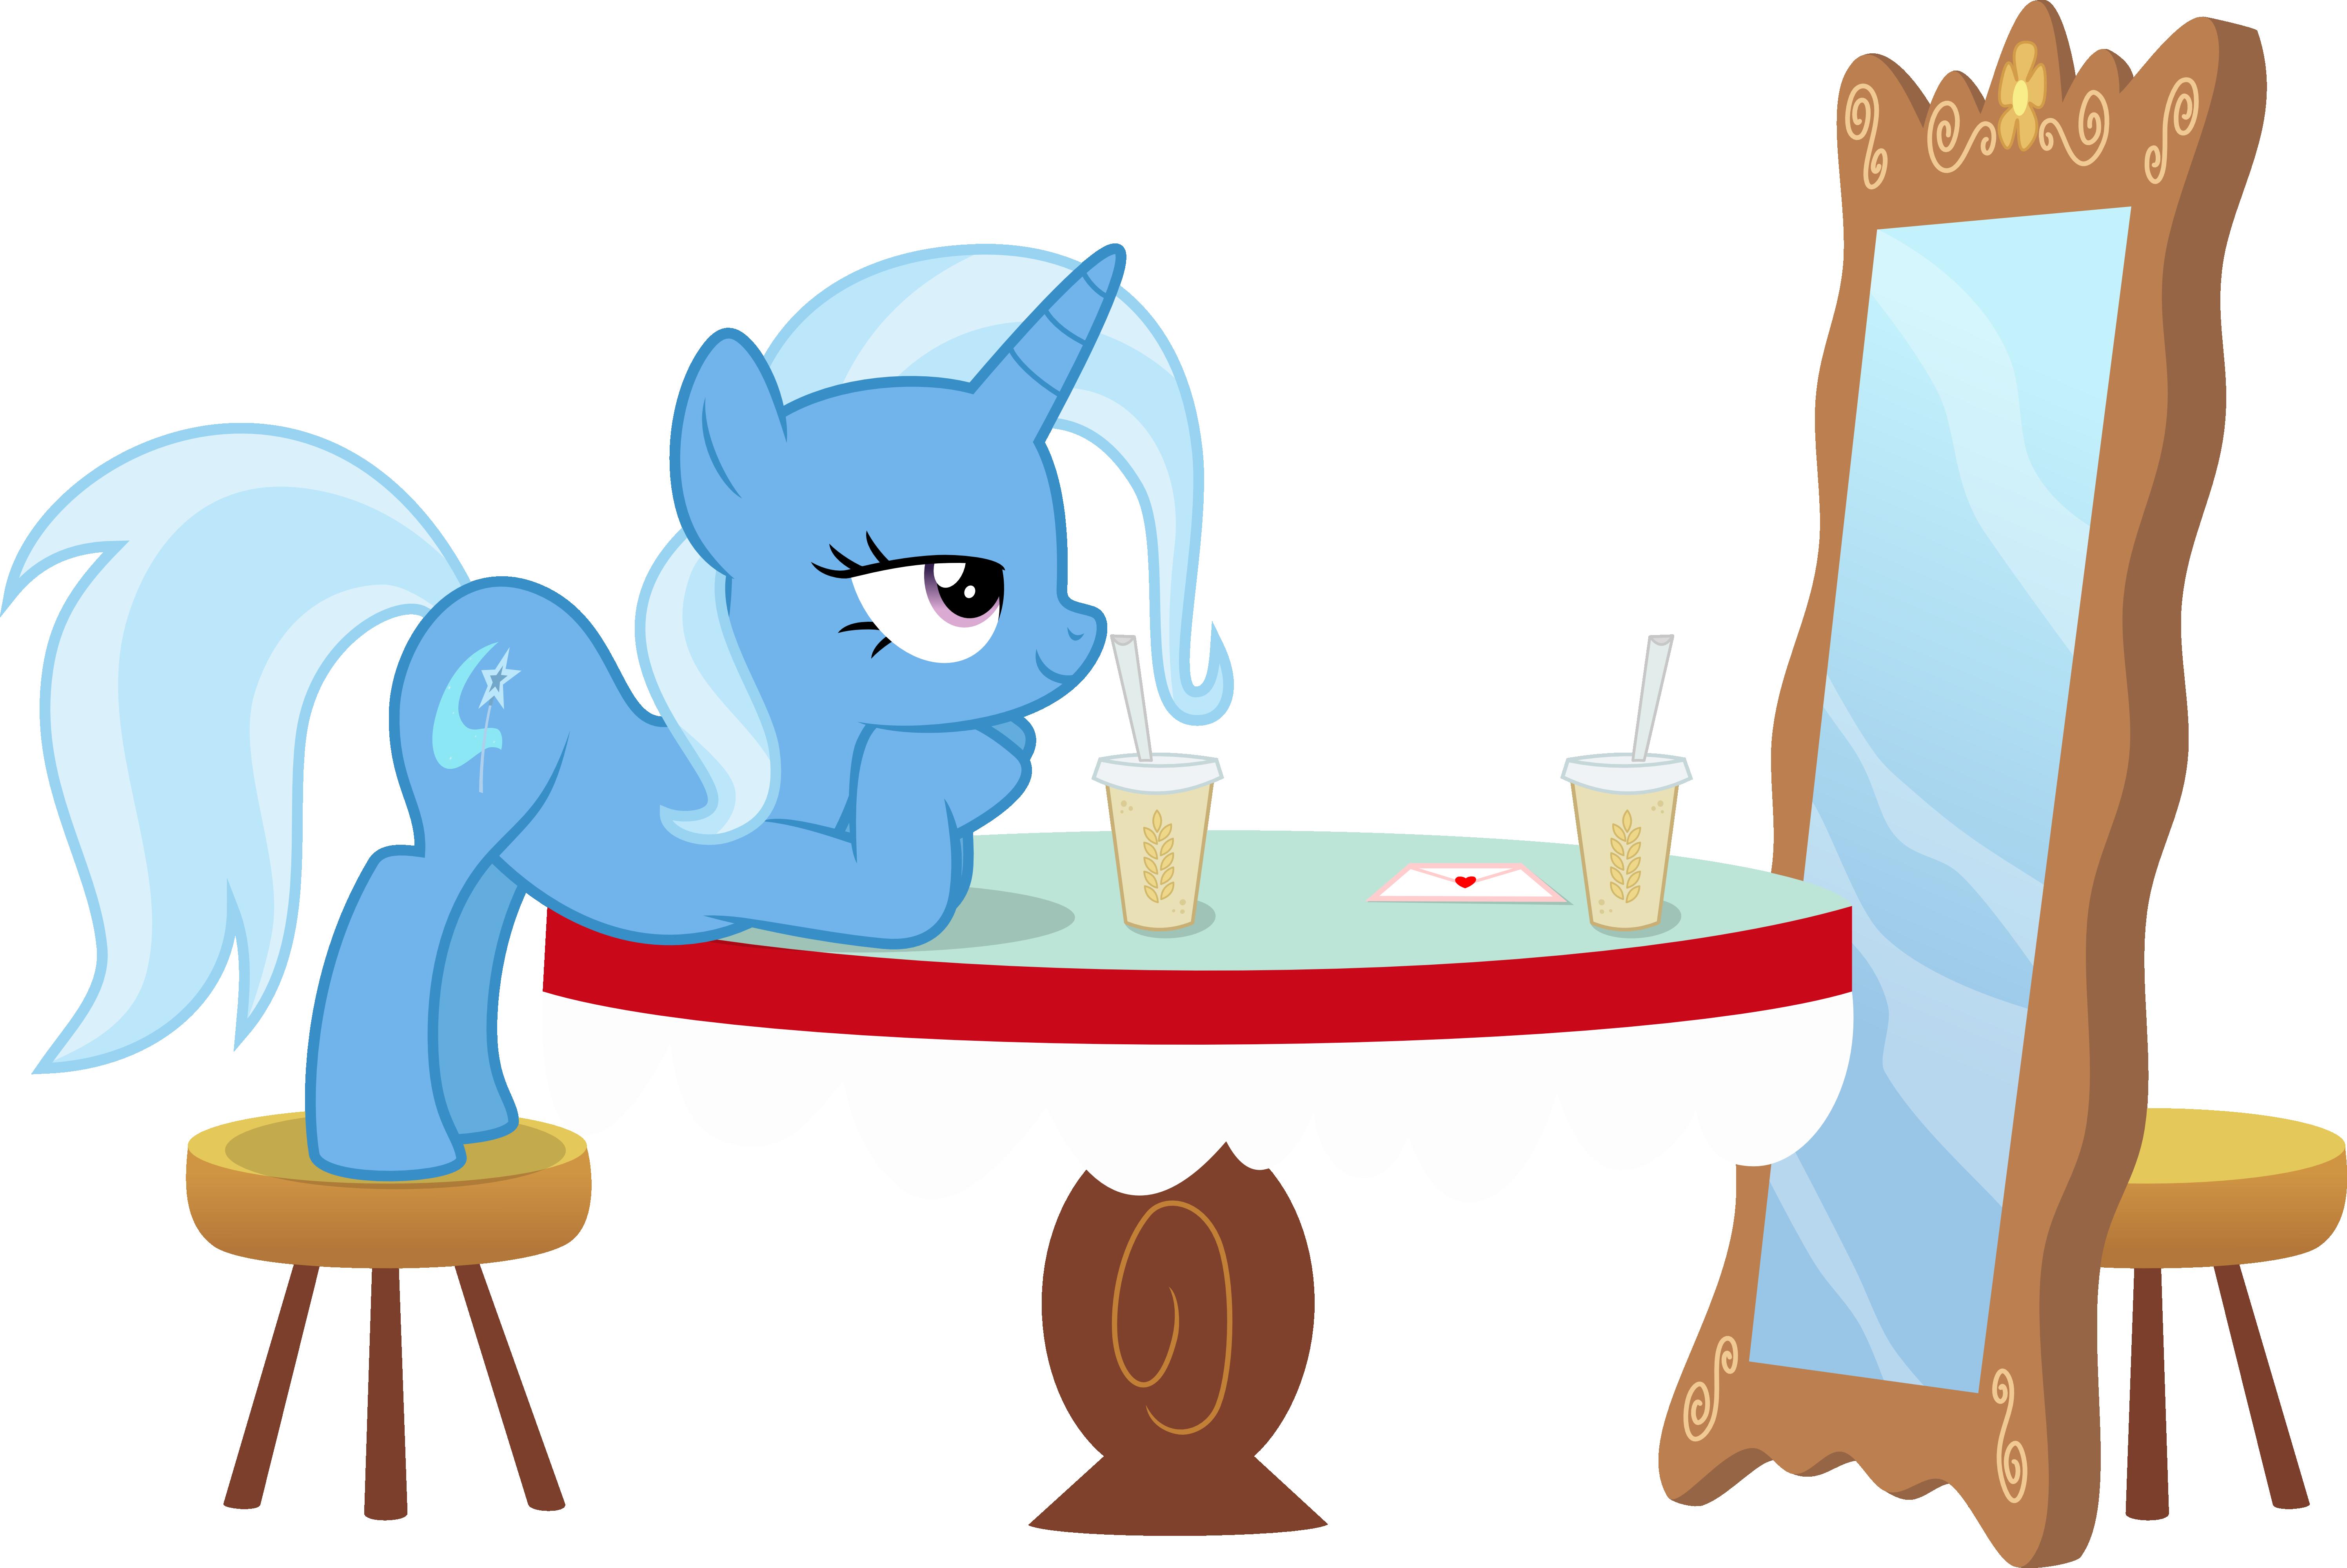 Trixie's Special Somepony by Jeatz-Axl